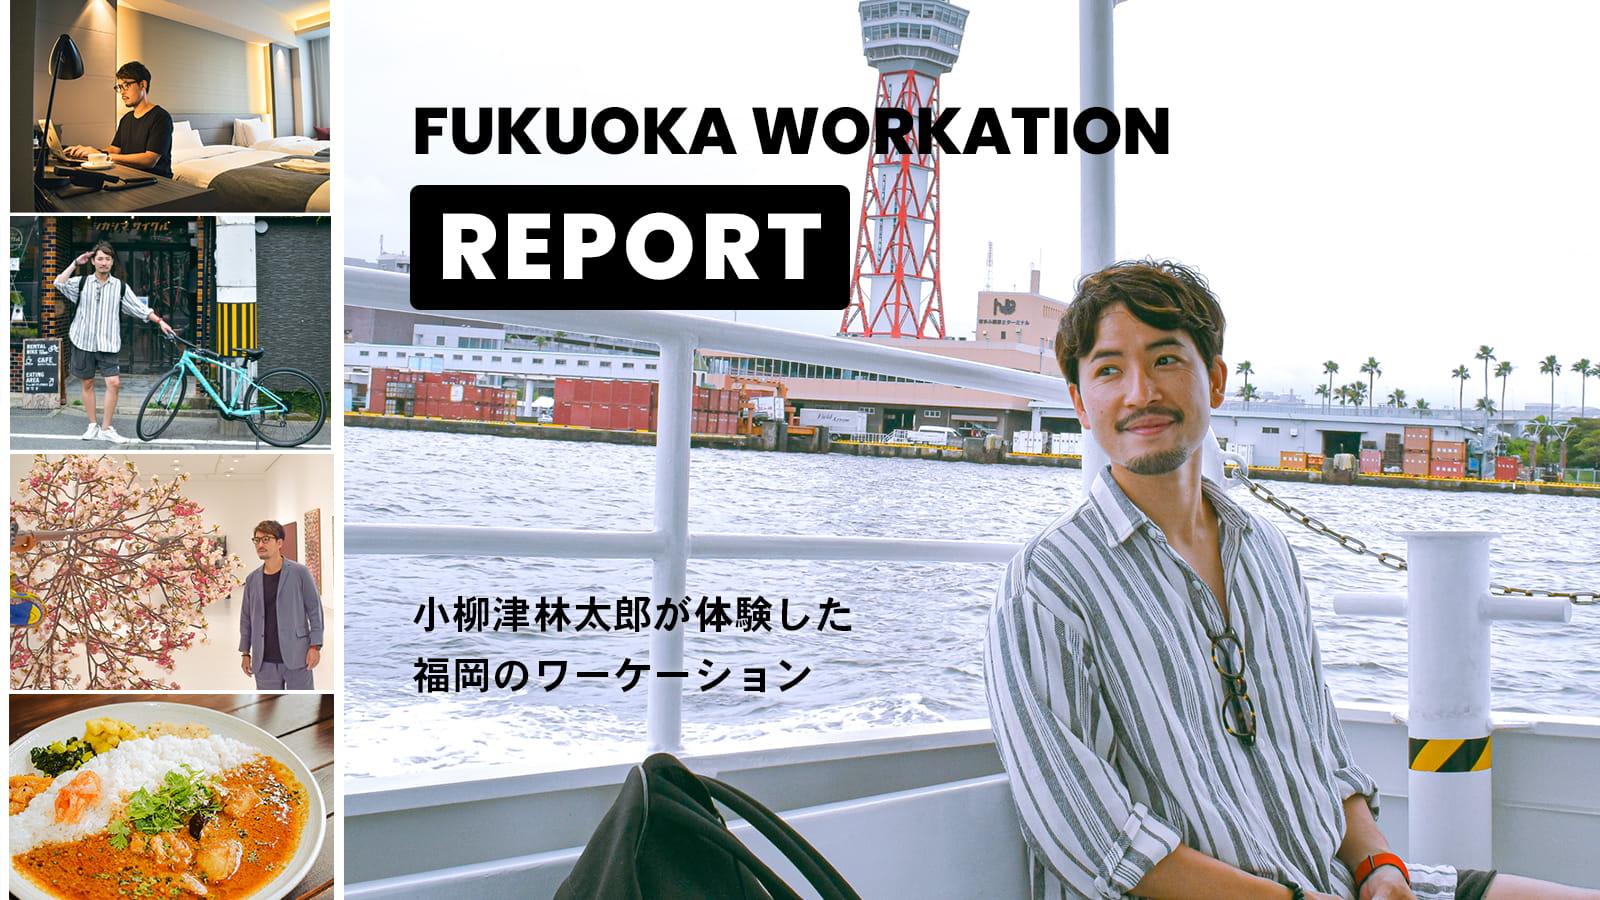 FUKUOKA WORKATION REPORT | 小柳津林太郎が体験した福岡ワーケーション